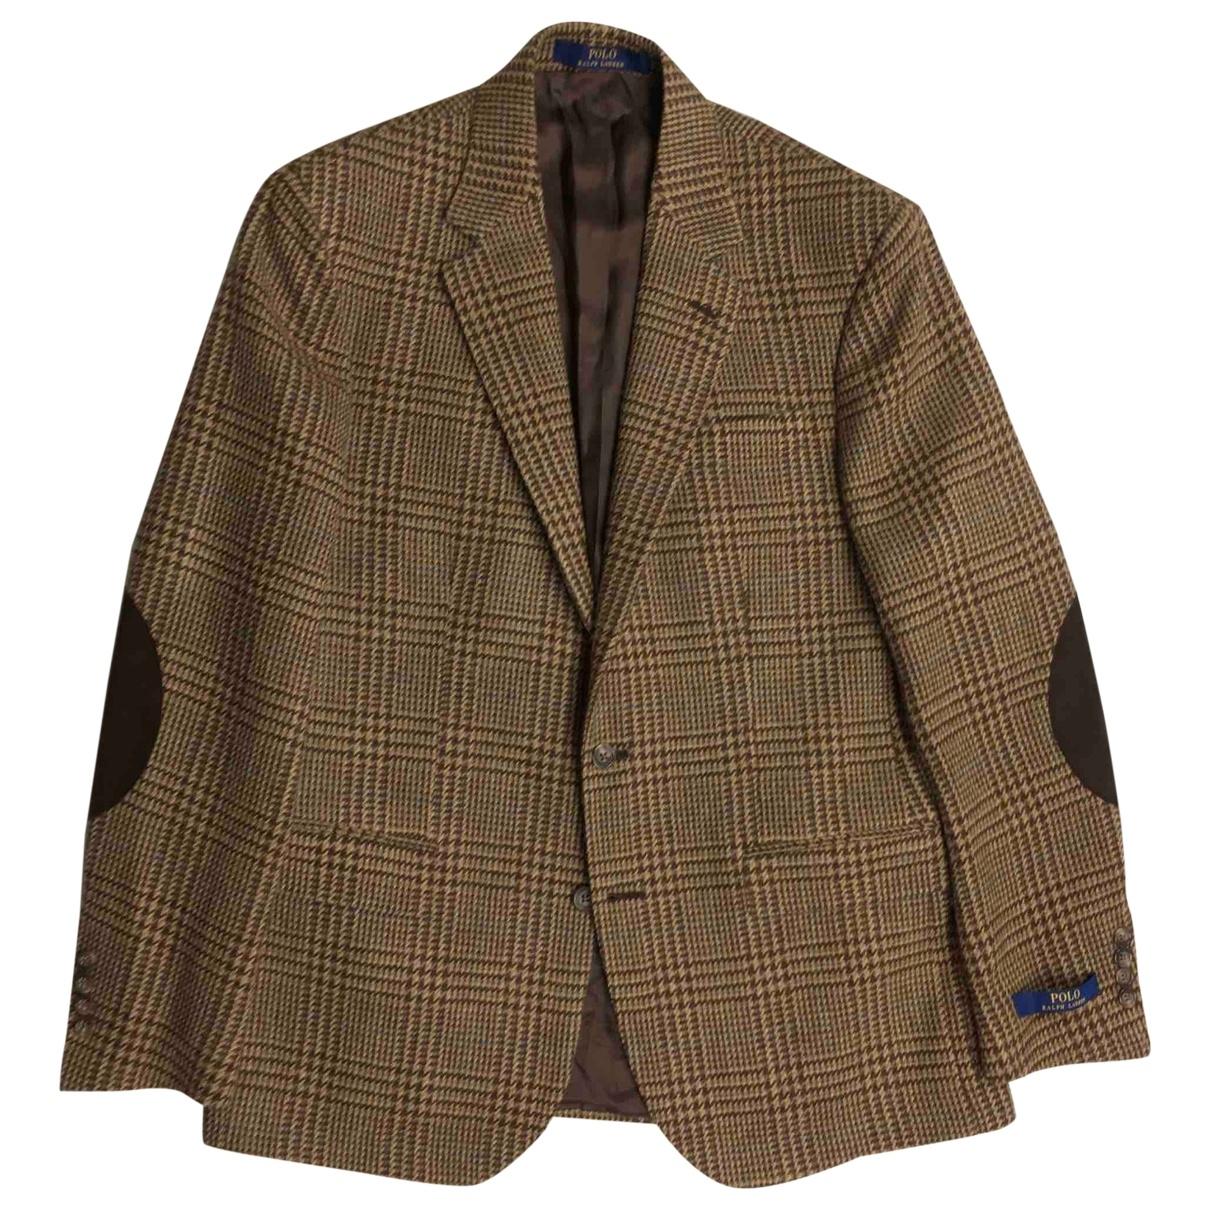 Polo Ralph Lauren - Vestes.Blousons   pour homme en laine - marron